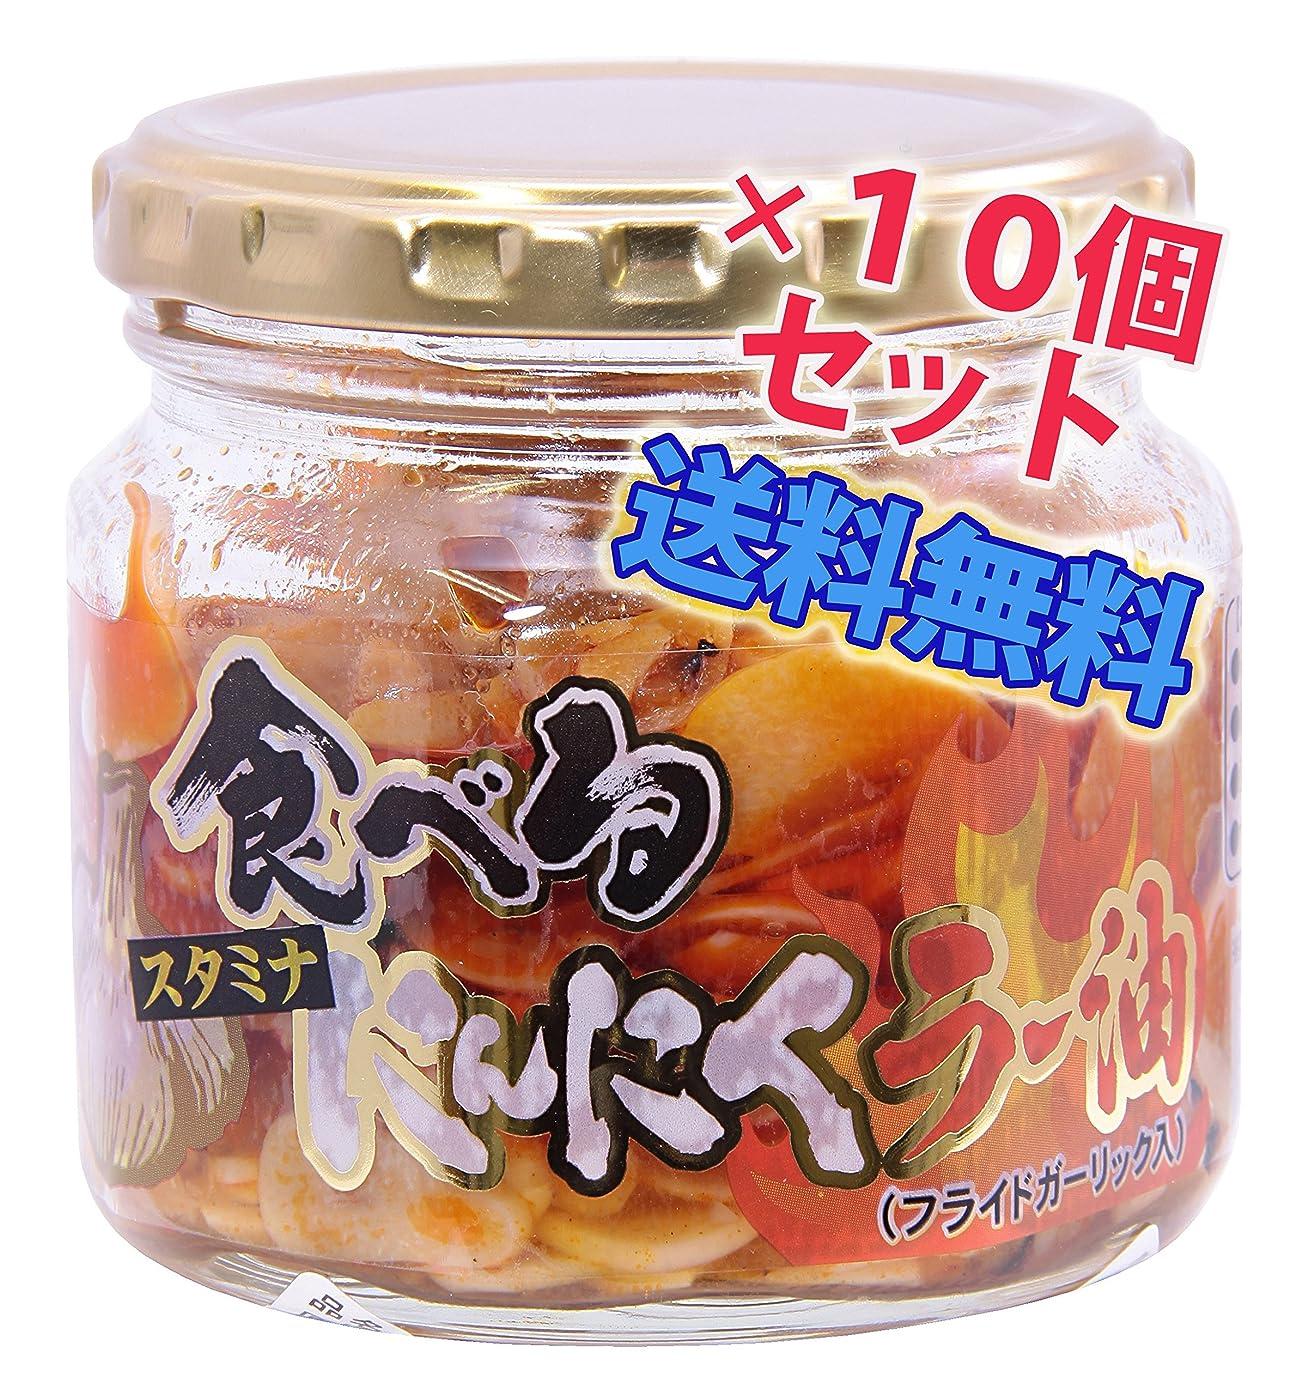 休眠メトロポリタン頑張る李錦記(リキンキ)  潮州ラー油 900g 業務用 潮州食べる具入りラー油